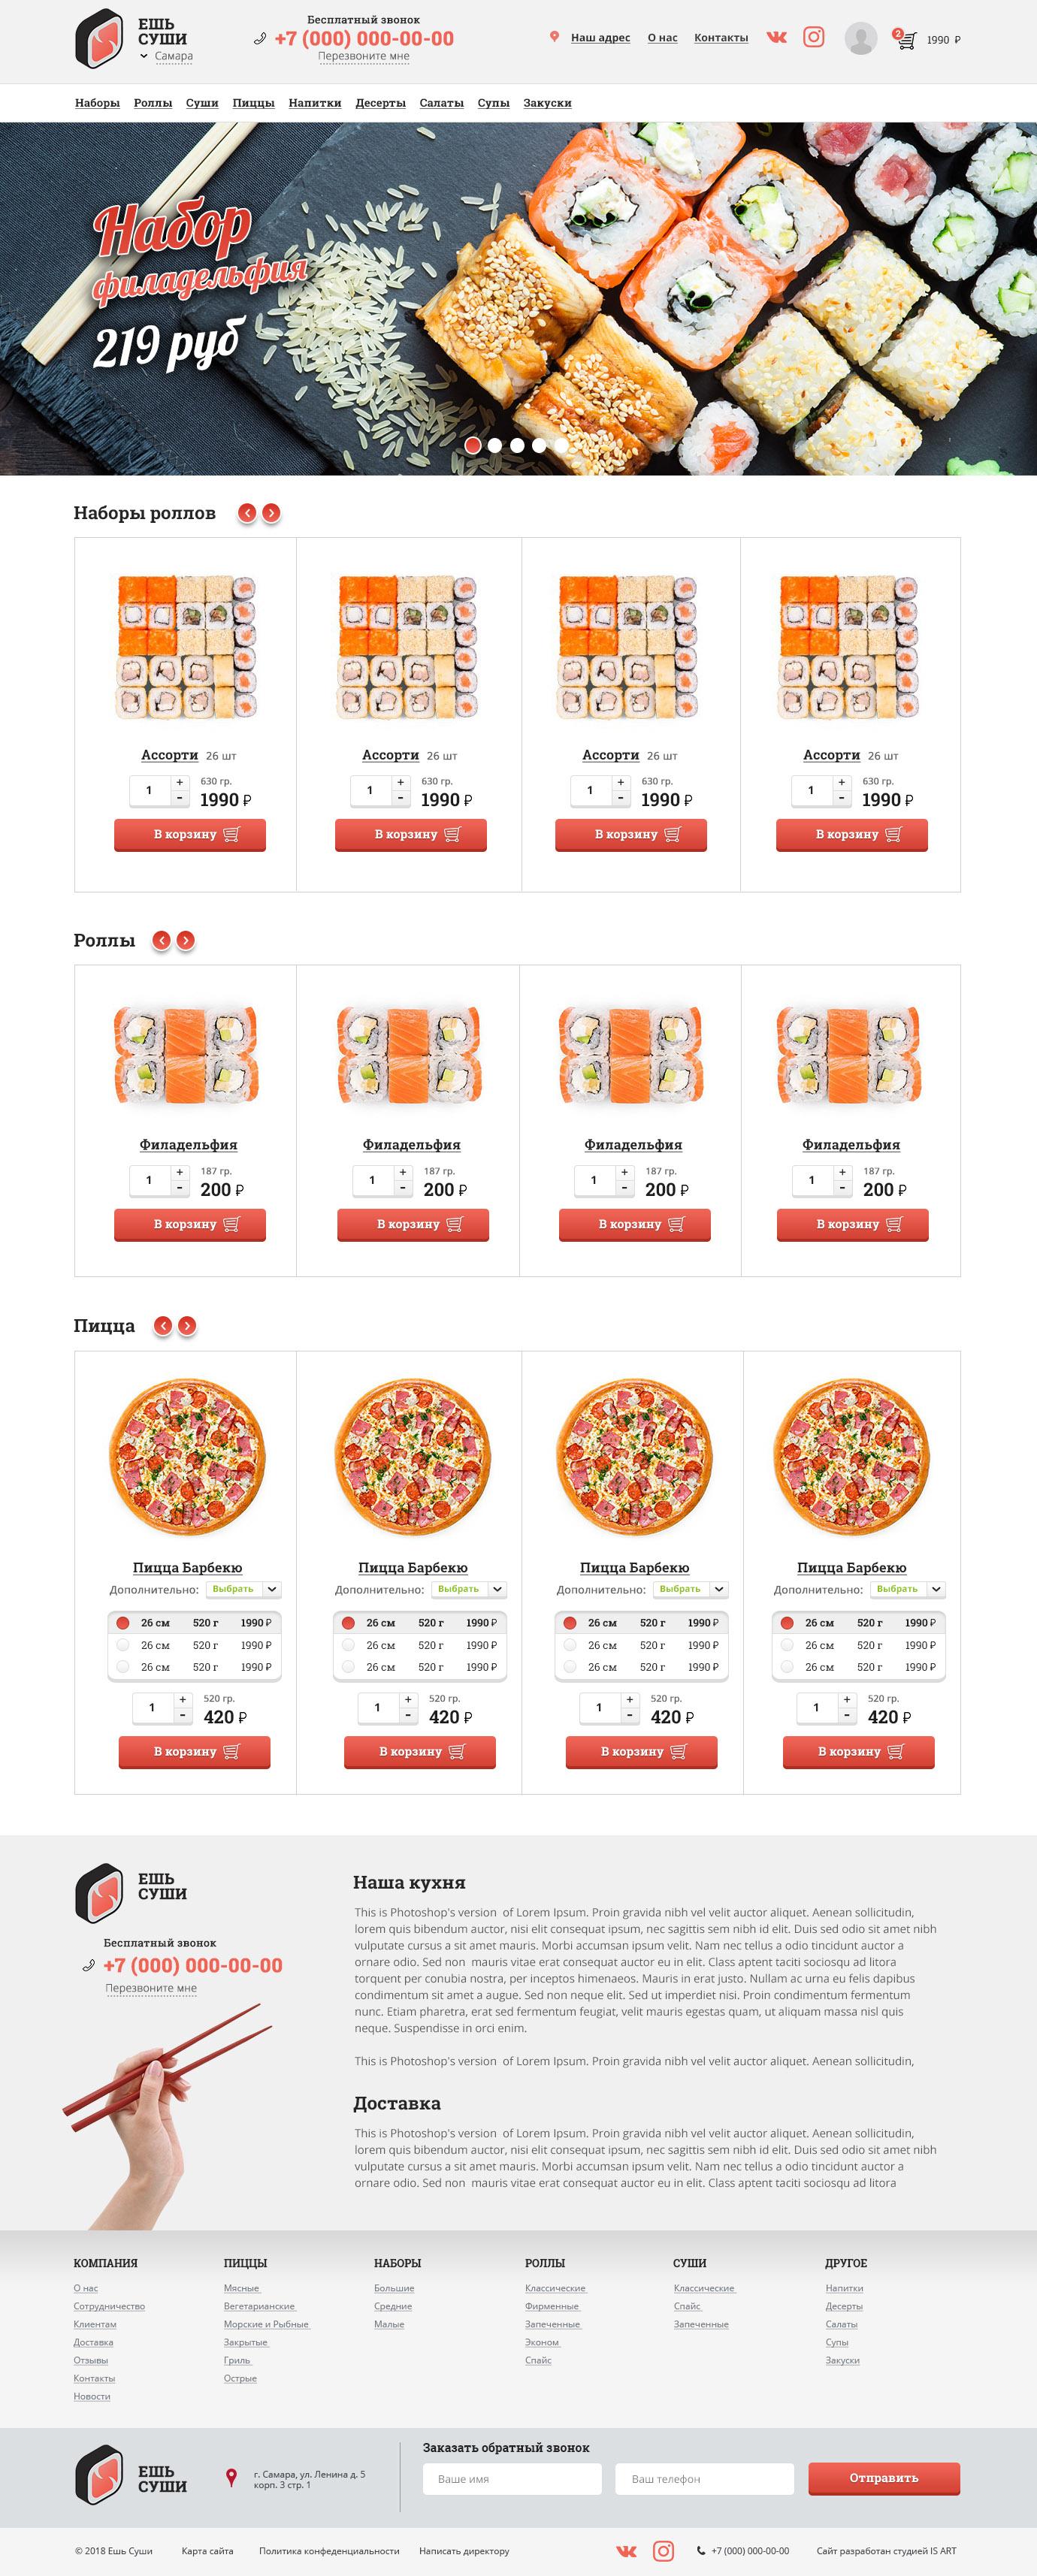 Макет сайта Заказ пиццы онлайн 1